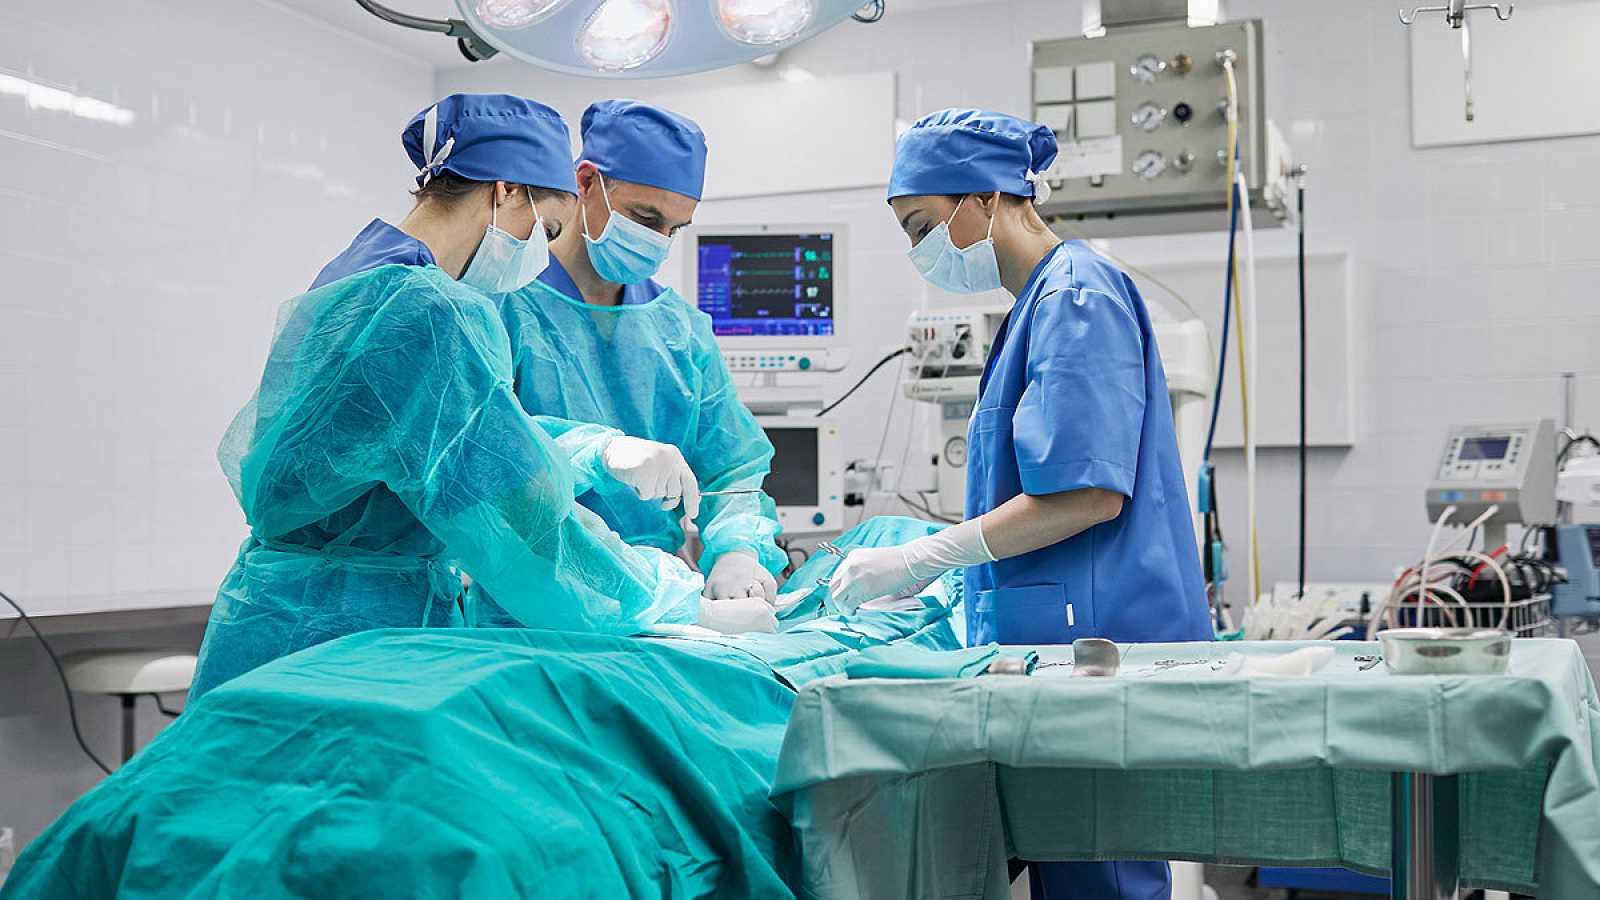 Casi 672.000 pacientes están en lista de espera para una intervención quirúrgica, la cifra más alta en 16 años